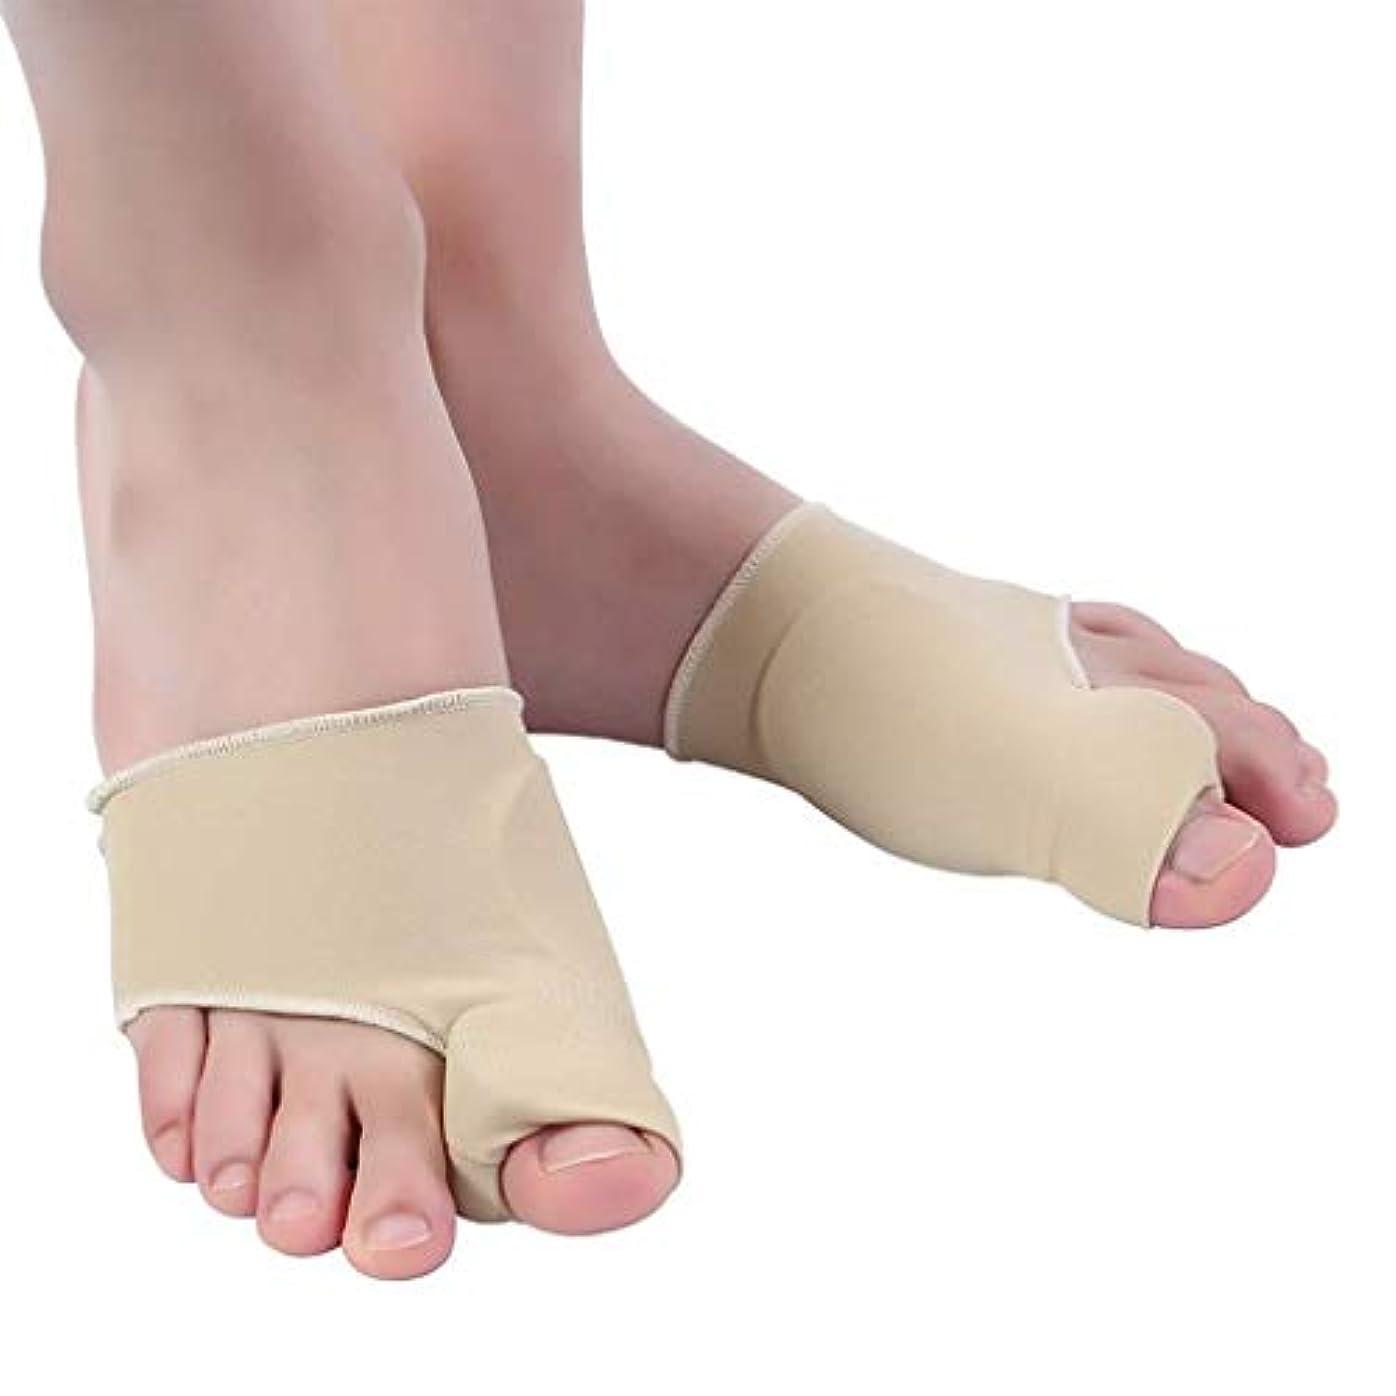 レッドデート小競り合いコショウBunion Corrector Bunion SplintsとBig Toe Straightteners SeparatorナイトタイムHallux外陰部のスプリント、Bunion Relief (Size : Small)